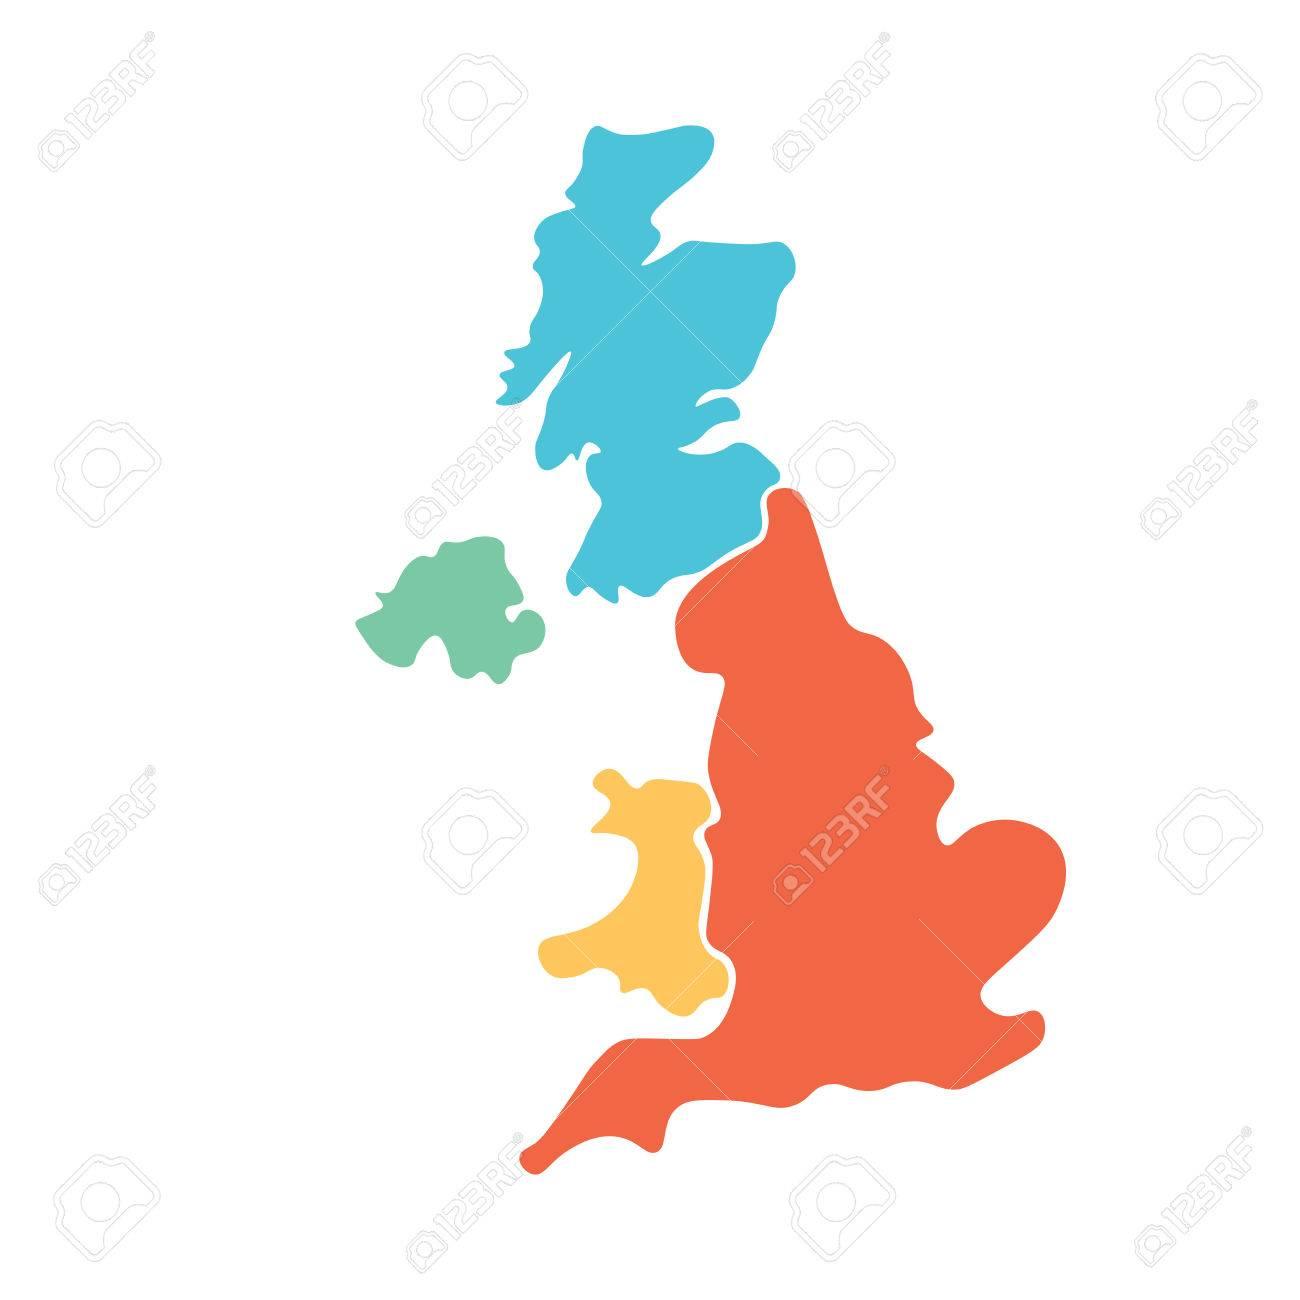 united kingdom aka uk of great britain and northern ireland